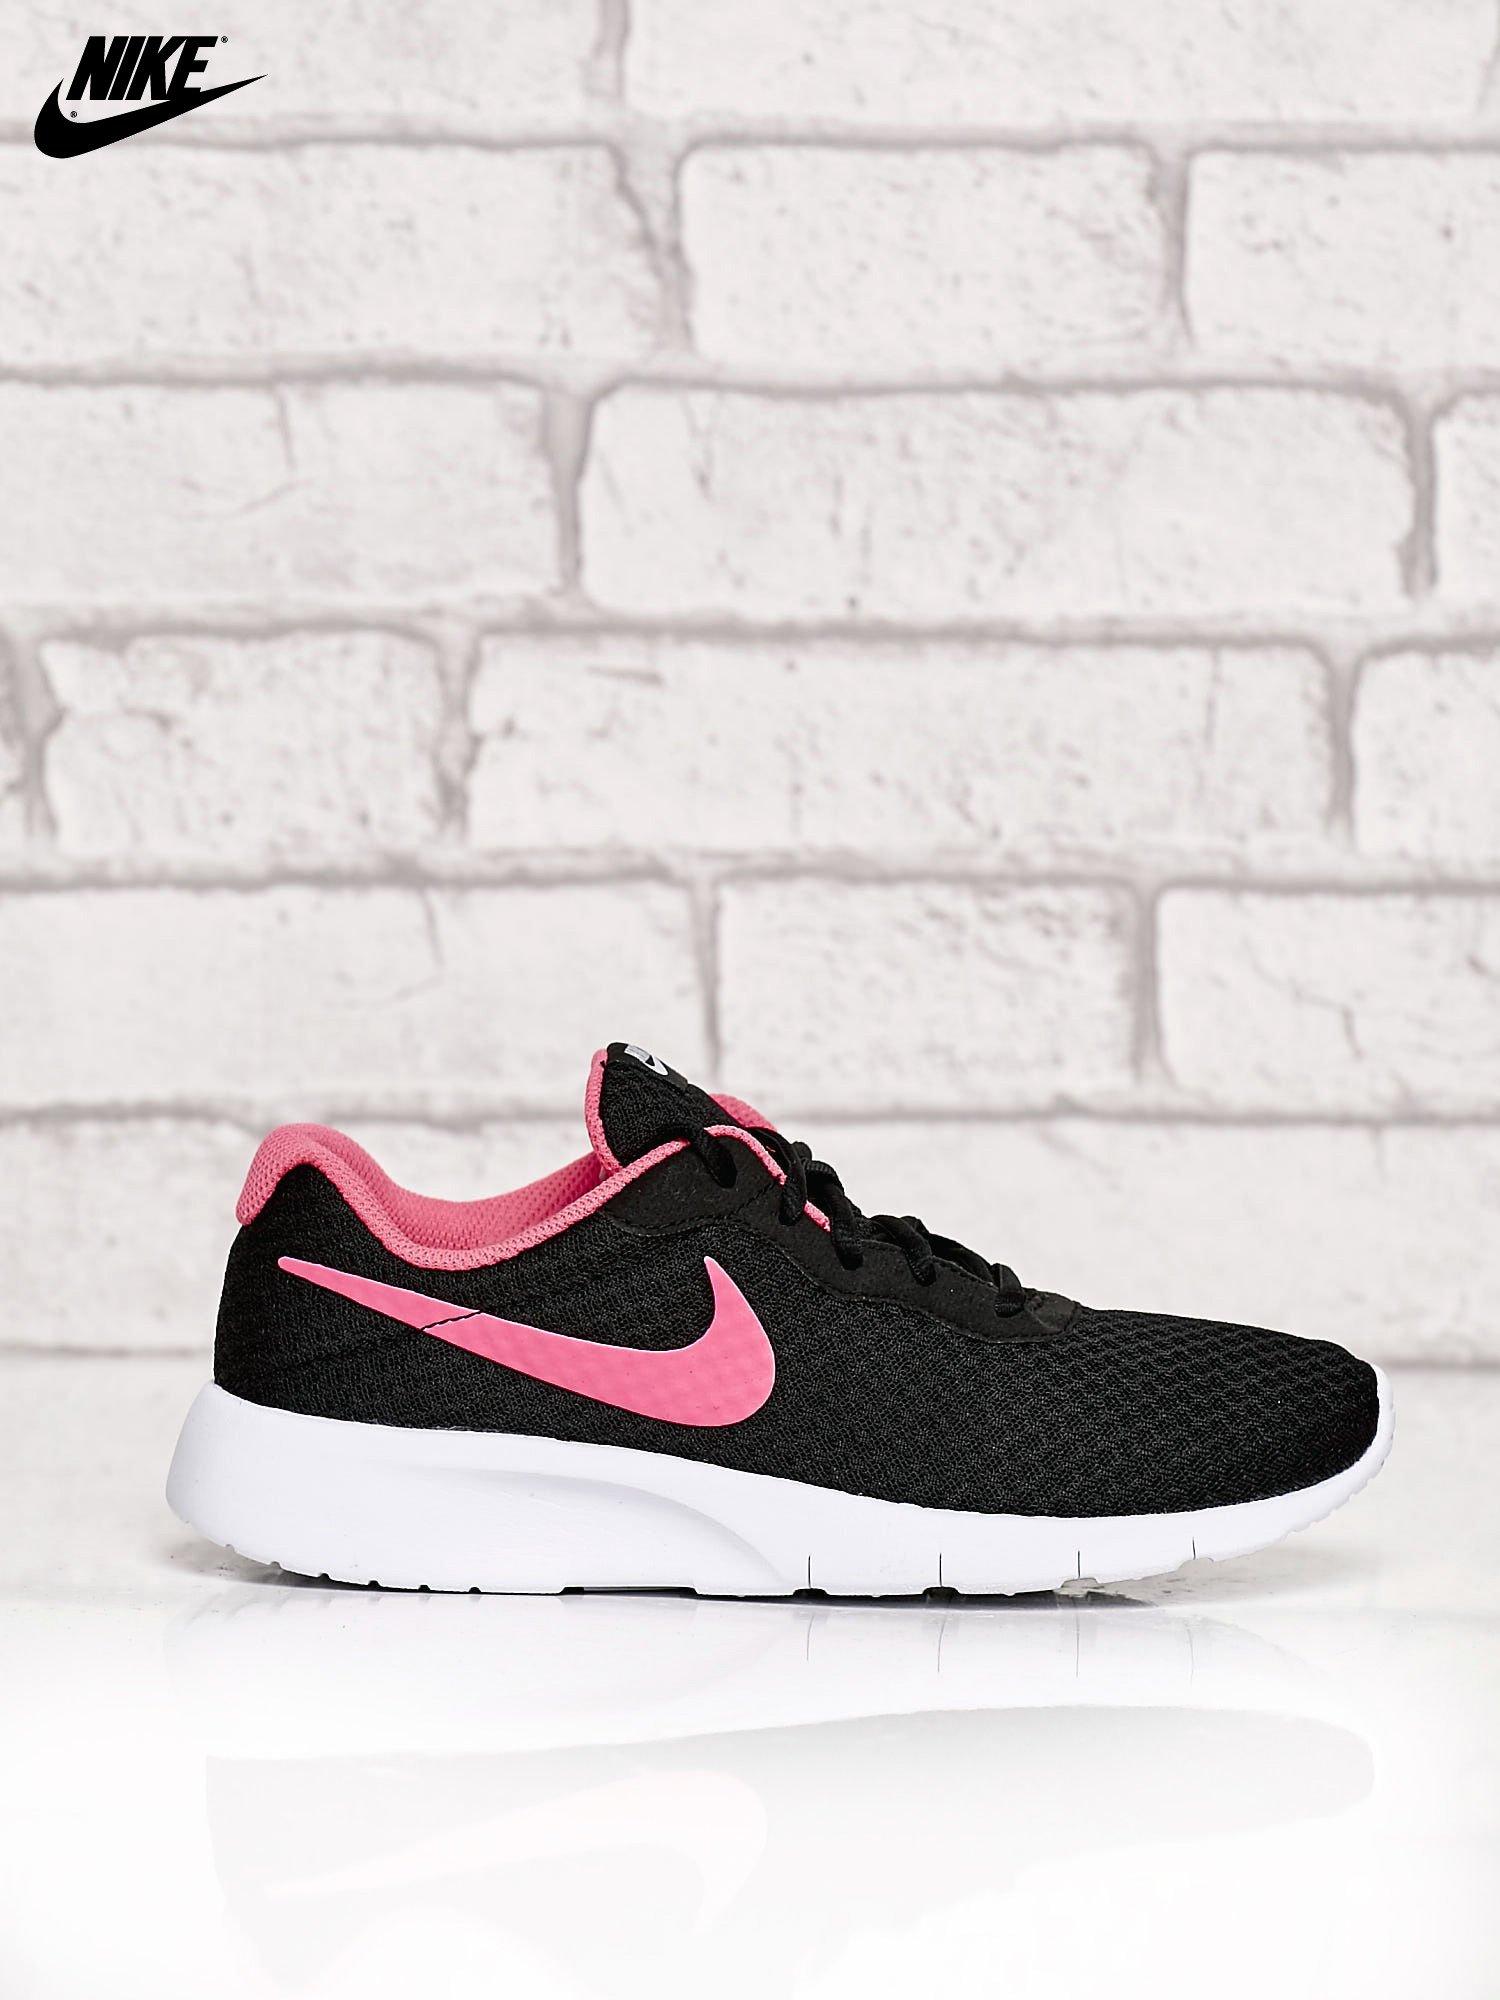 dostępność w Wielkiej Brytanii sprawdzić nowe style NIKE czarne buty sportowe Tanjun GS z siateczką